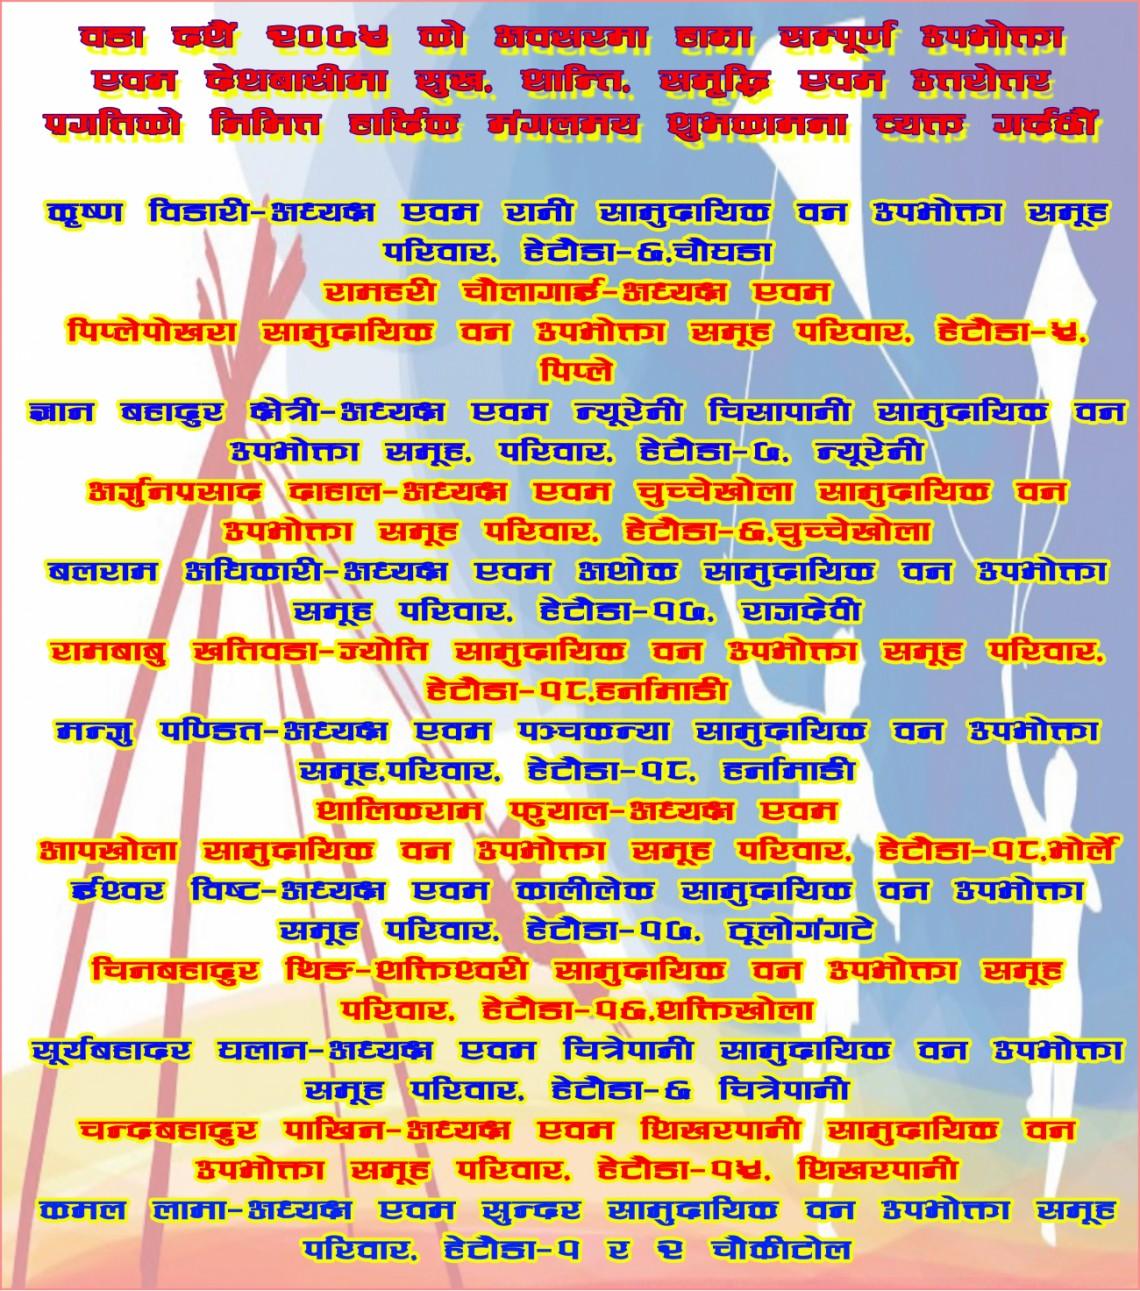 Dashain-Ban-jpg1-1539845833.jpg